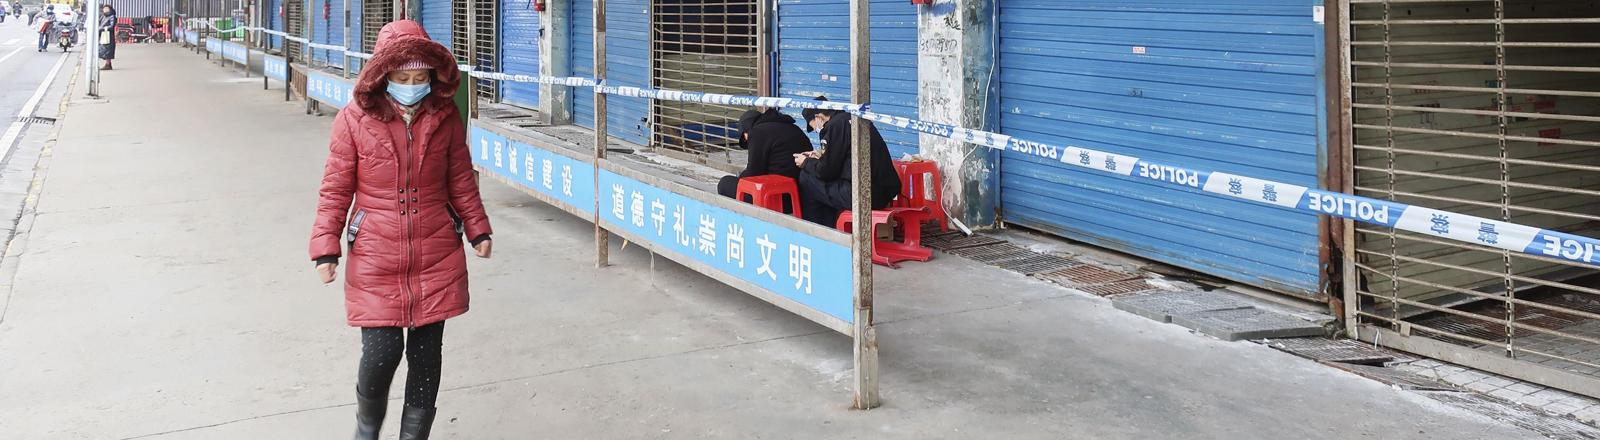 Straße in Wuhan am 17.01.2020